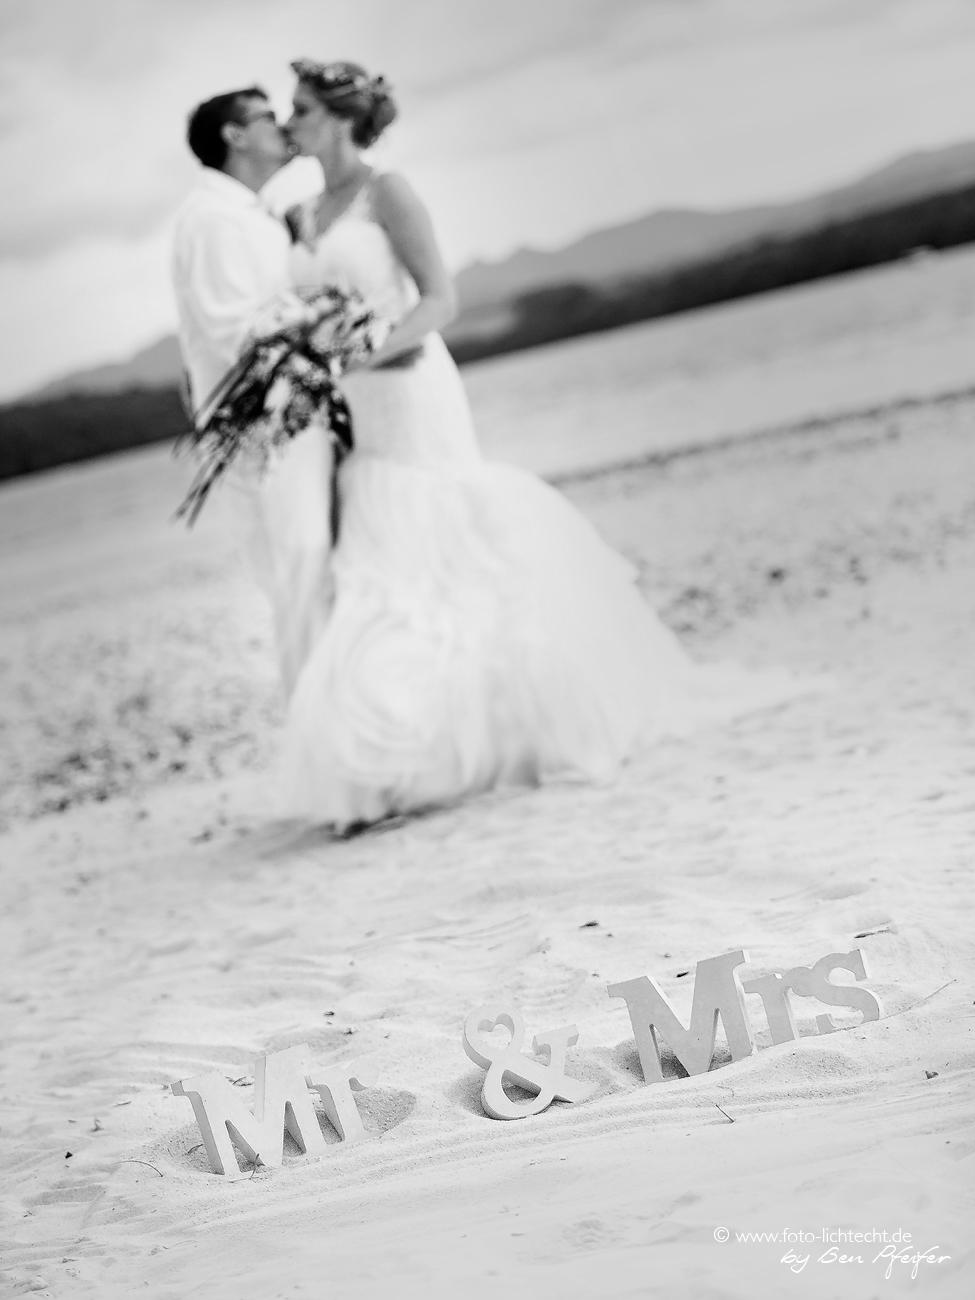 beachwedding, Hochzeit Strand, Strandhochzeit, deutscher Hochzeitsfotograf Mauritius, Maurice Wedding, Wedding Maurice, Mauritius Hochzeit, Mauritius Hochzeitspaket, Mauritius hochzeitsplaner